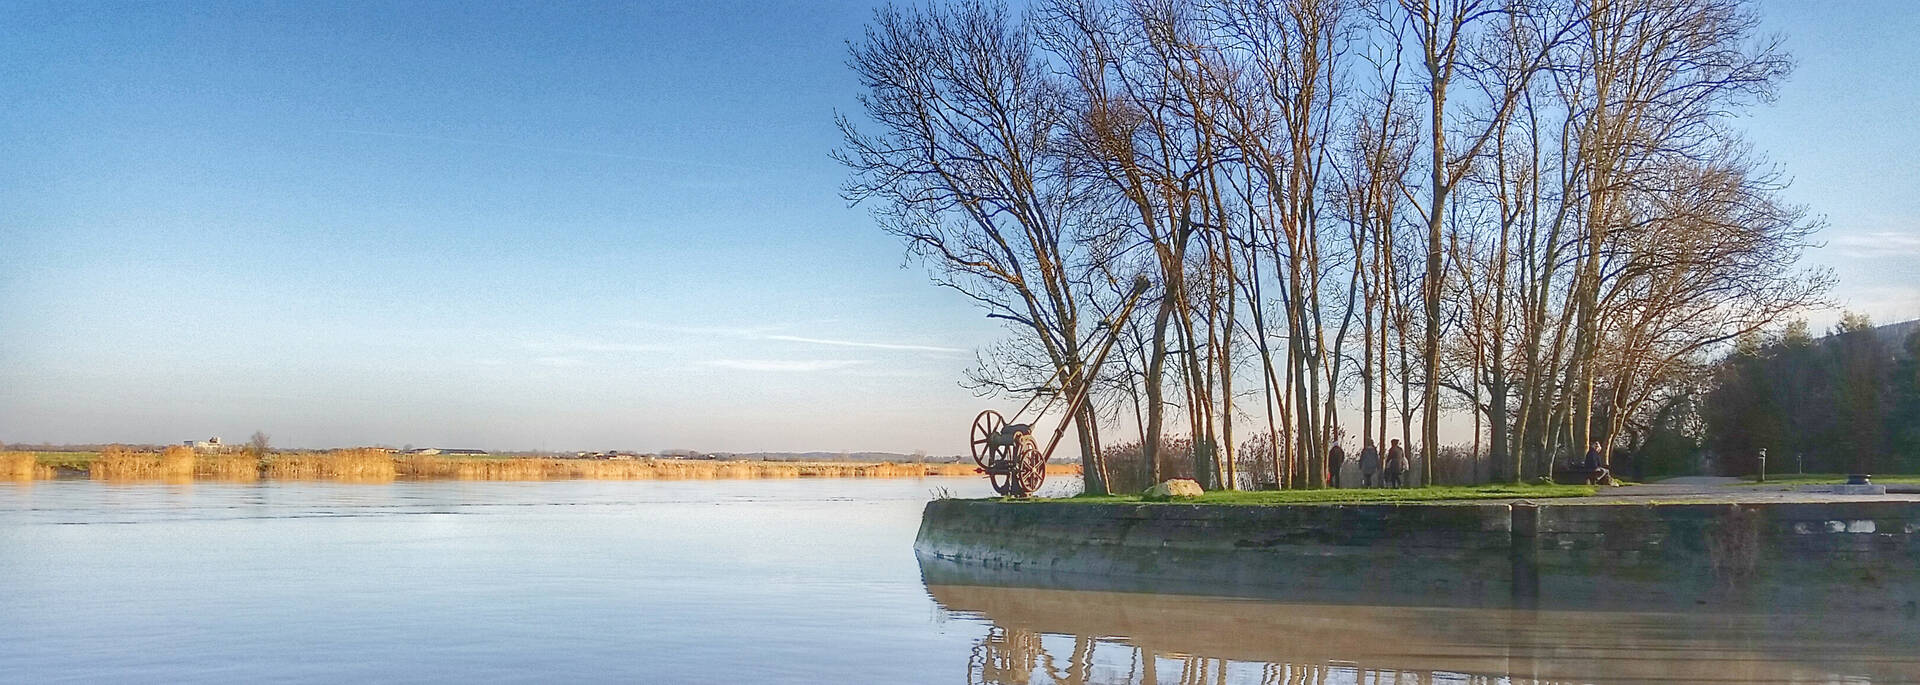 Balade sur les chemins de Charente à Rochefort - © Office de tourisme Rochefort Océan